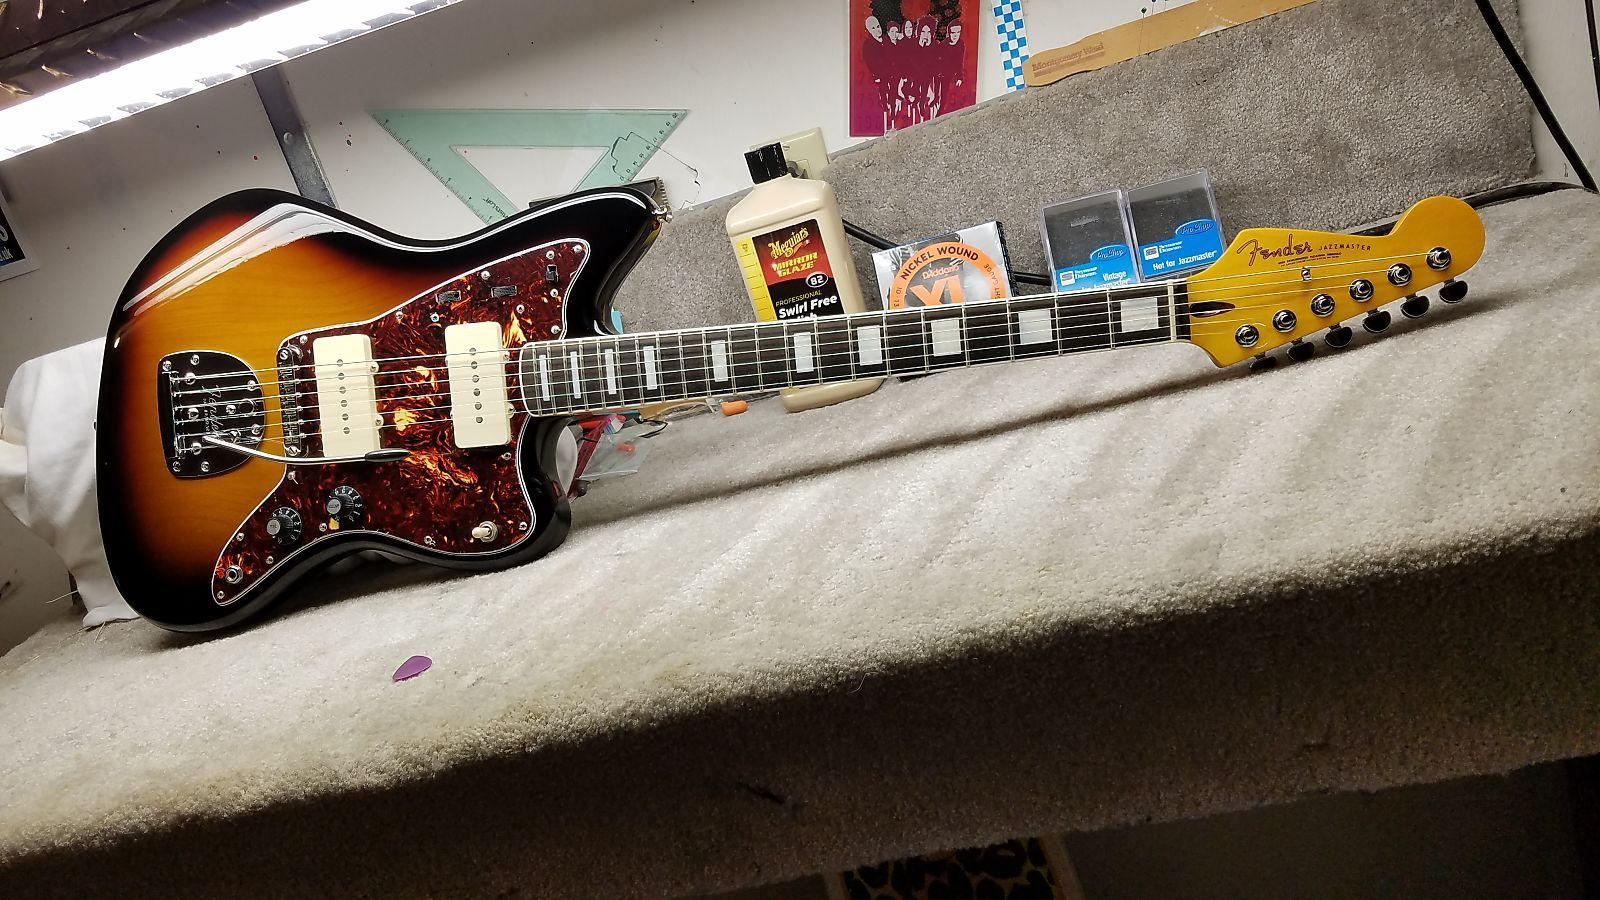 Fender Jazzmaster w/ Reverse Headstock, Neck Binding & Block Inlays ...